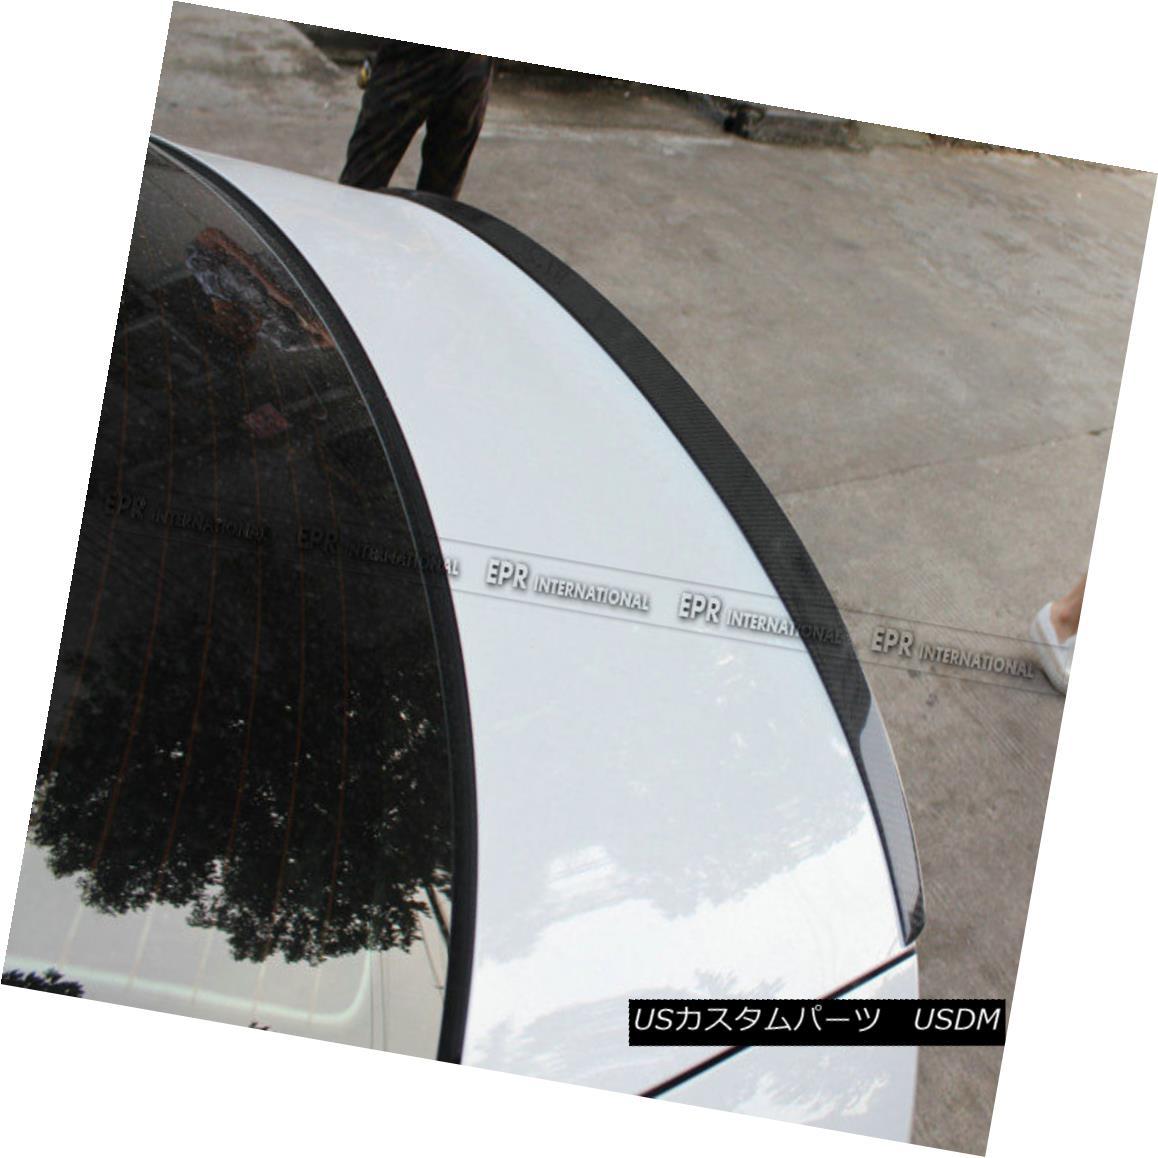 エアロパーツ Rear Ducktail Trunk Spoiler Wing Carbon Fiber For Audi A3 Sedan S3 Style 13-17 アウディA3セダンS3スタイル13-17のリアダックテールトランクスポイラーウィングカーボンファイバー